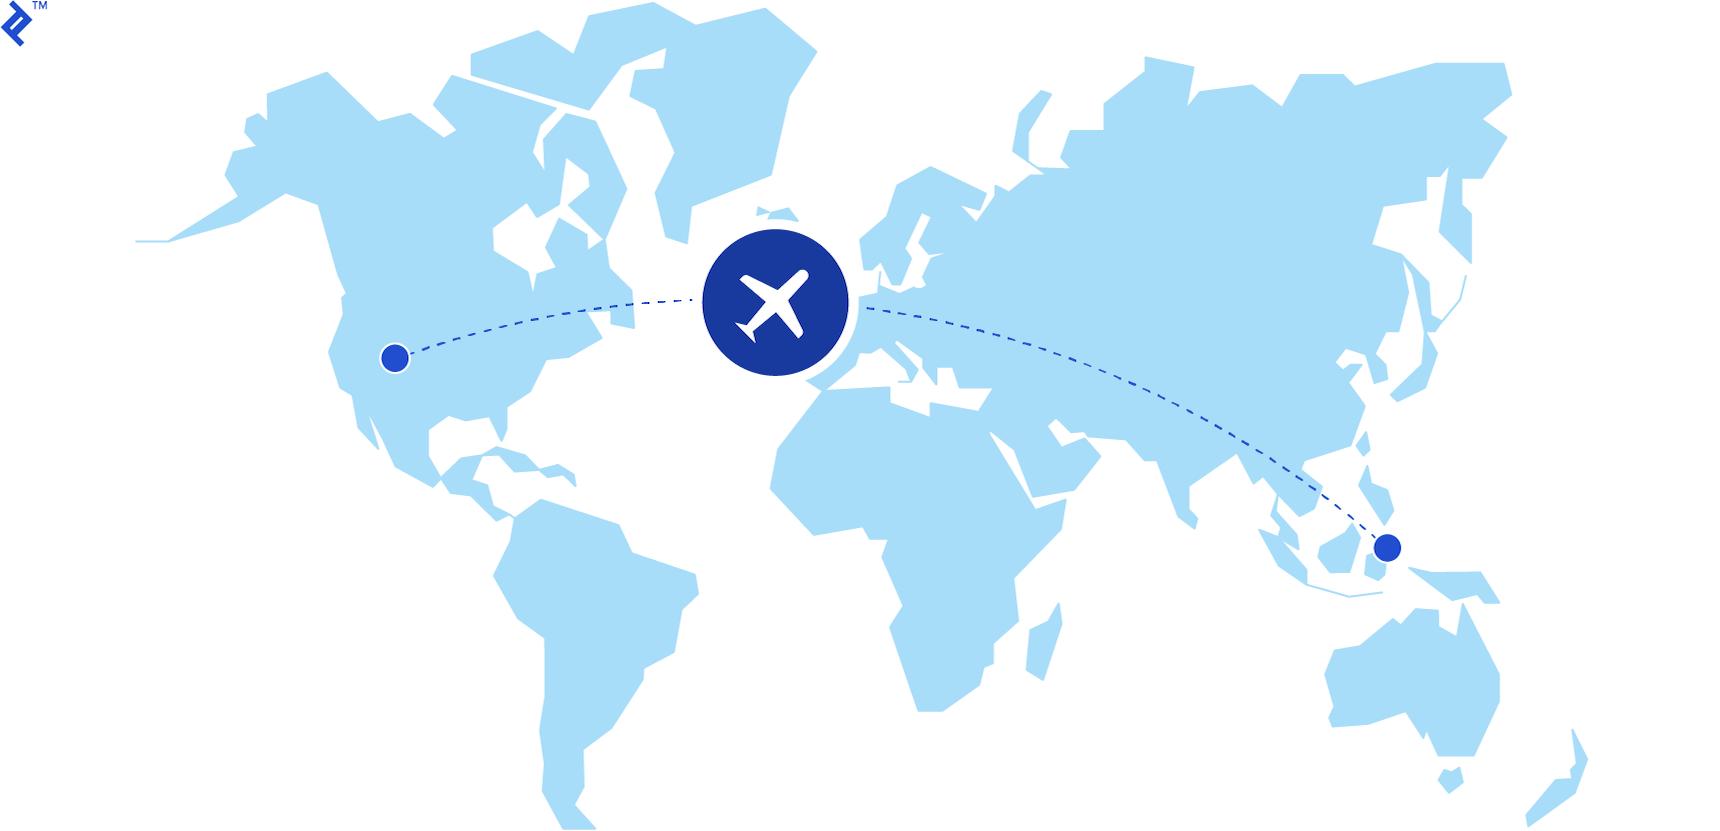 Trabajar tiempo completo y viajar por el mundo es más fácil de lo que crees, en especial cuando viajas con un sentido.